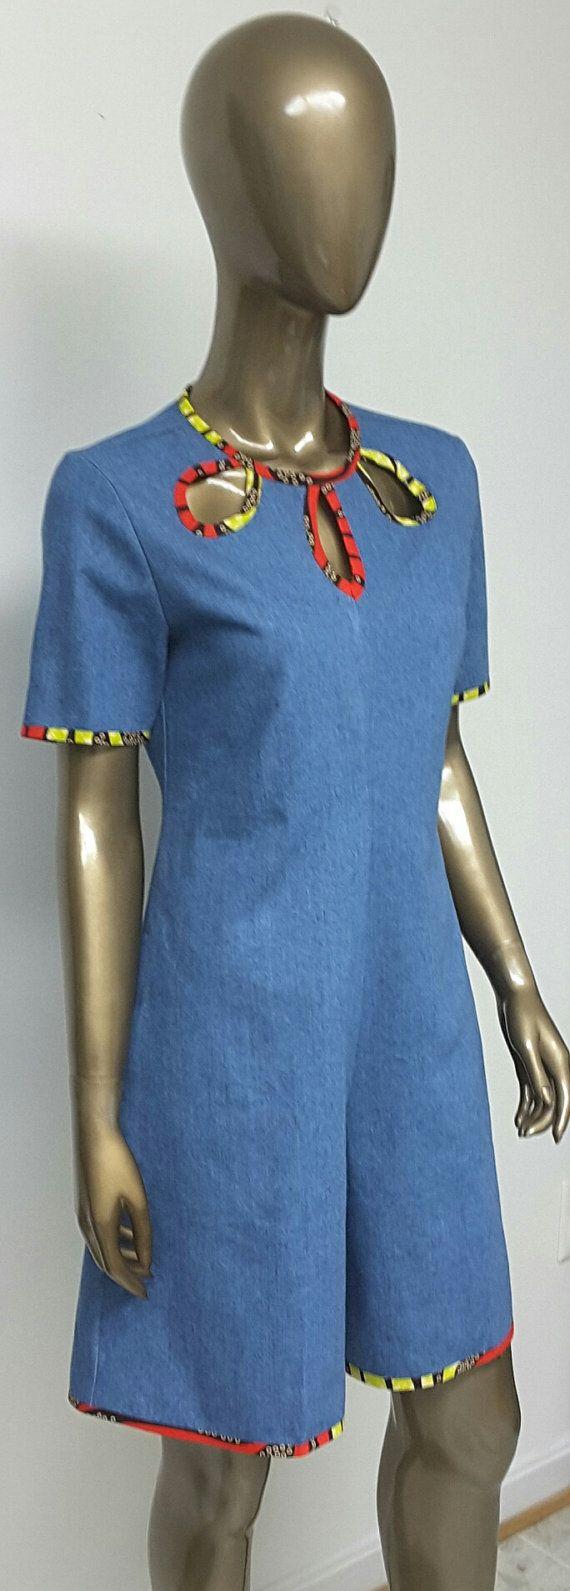 Il s'agit d'un pantdress Denim imprimé africain avec des poches intérieures. INCLUS : • Un Pantdress - salopette DÉTAILS : • Impression africaine. • Conseils d'entretien : nettoyage à sec préféré. Lavage à froid. Visitez ma boutique : https://www.etsy.com/shop/NanayahStudio TAILLES DE ROBE * US 2 – 33 buste - taille 24 pouces - hanches 34-35 pouces * US 4--34 buste - taille 25 pouces - hanches 36-37 pouces * US 6--35 buste - taille 26 pouces - hanches 38 pouces * US 8--buste 36 - taille 28